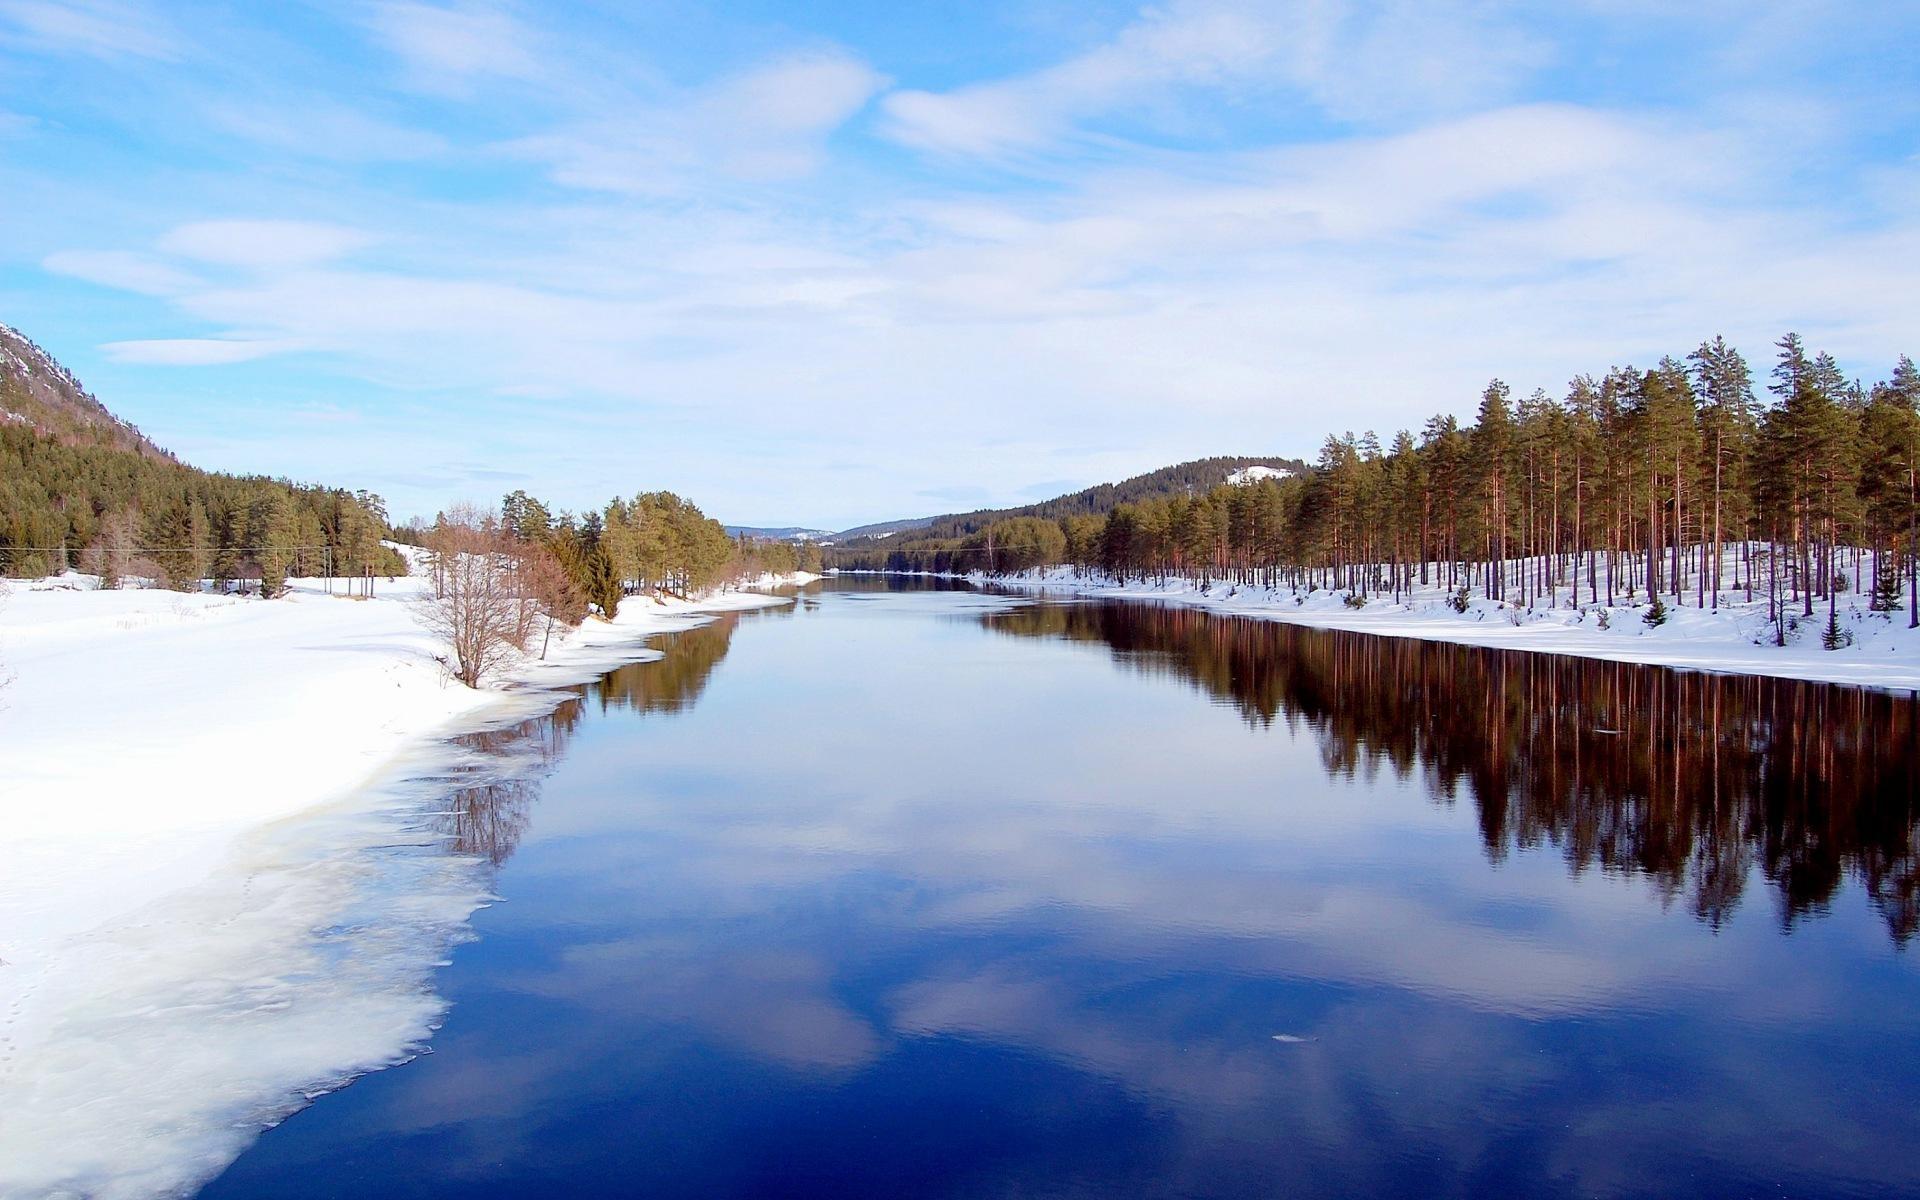 Amazing 1080p Nature Background.